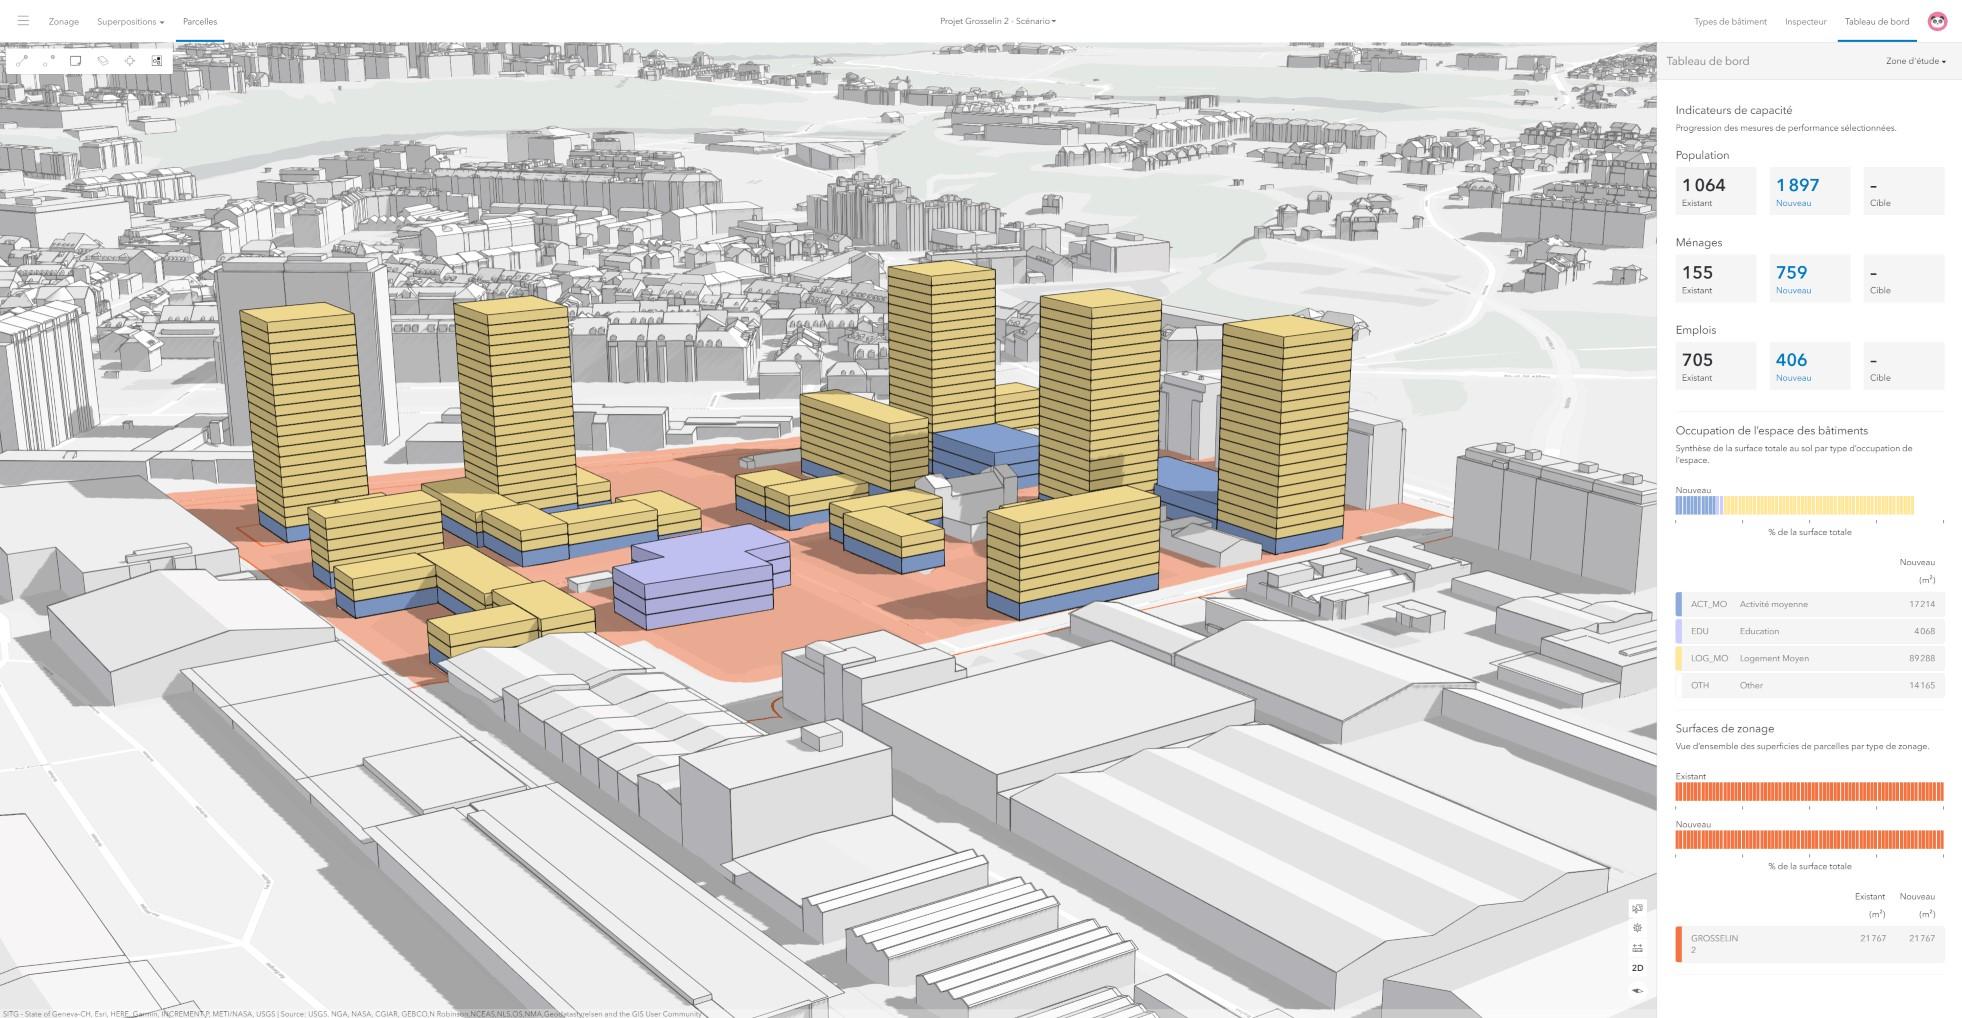 Rys. 3. Scenariusz projektowy projektu Grosselin z przewidywanymi budynkami i zaznaczonymi wskaźnikami pojemności.